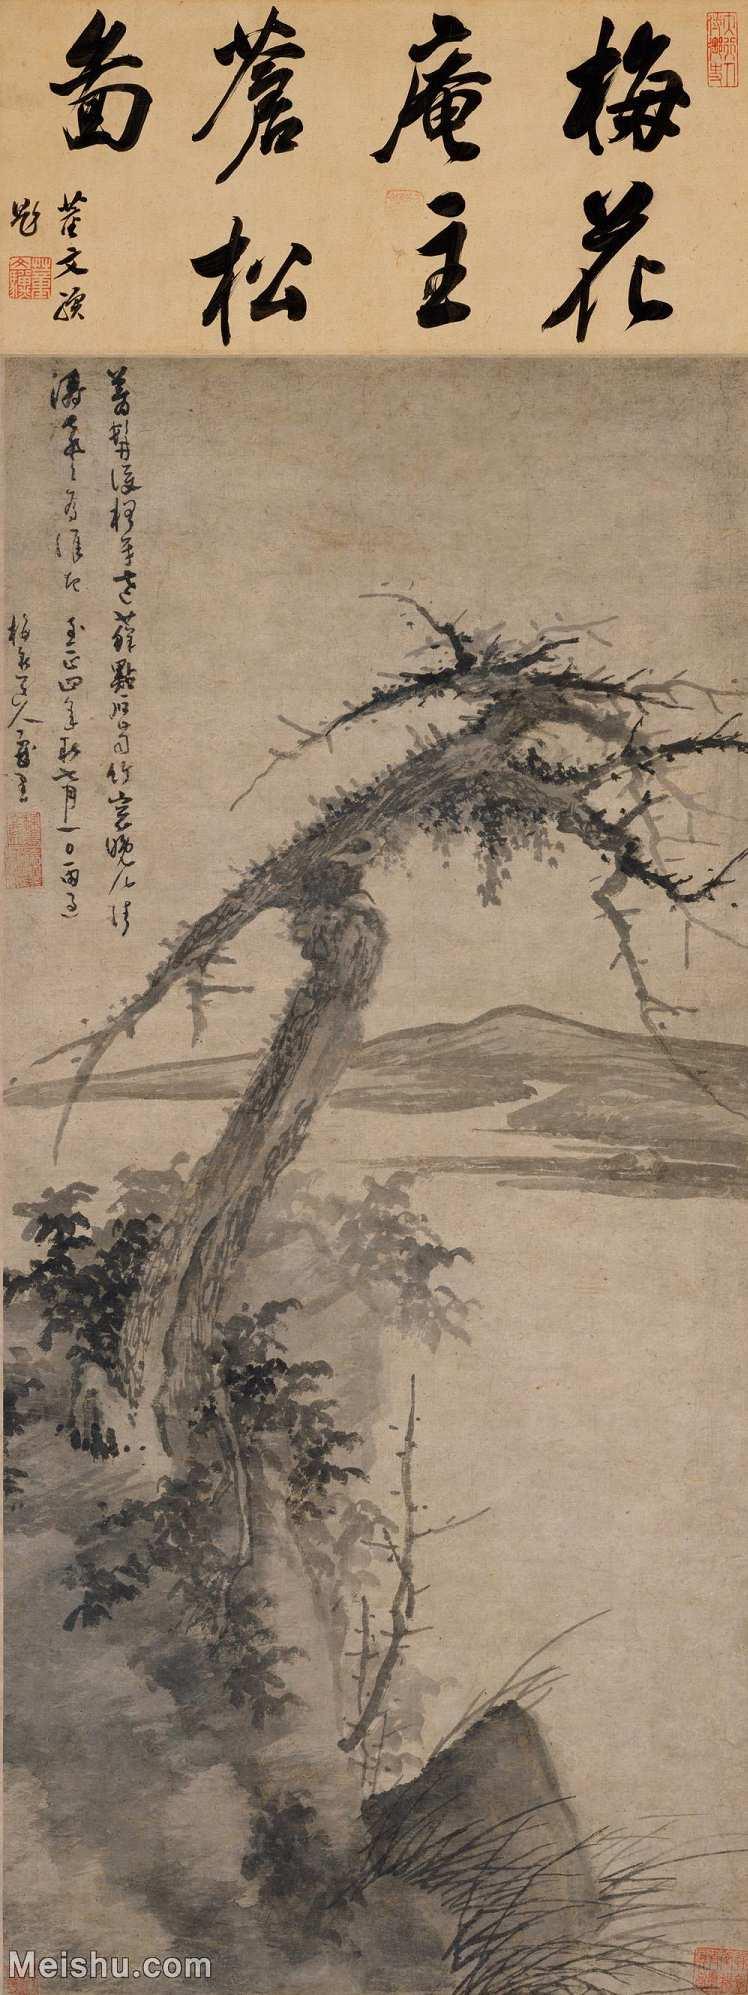 【超顶级】GH6085329古画树木植物-松石图-元-吴镇-纸本-30x80-110x293-山水-古木枯木河畔河边河流